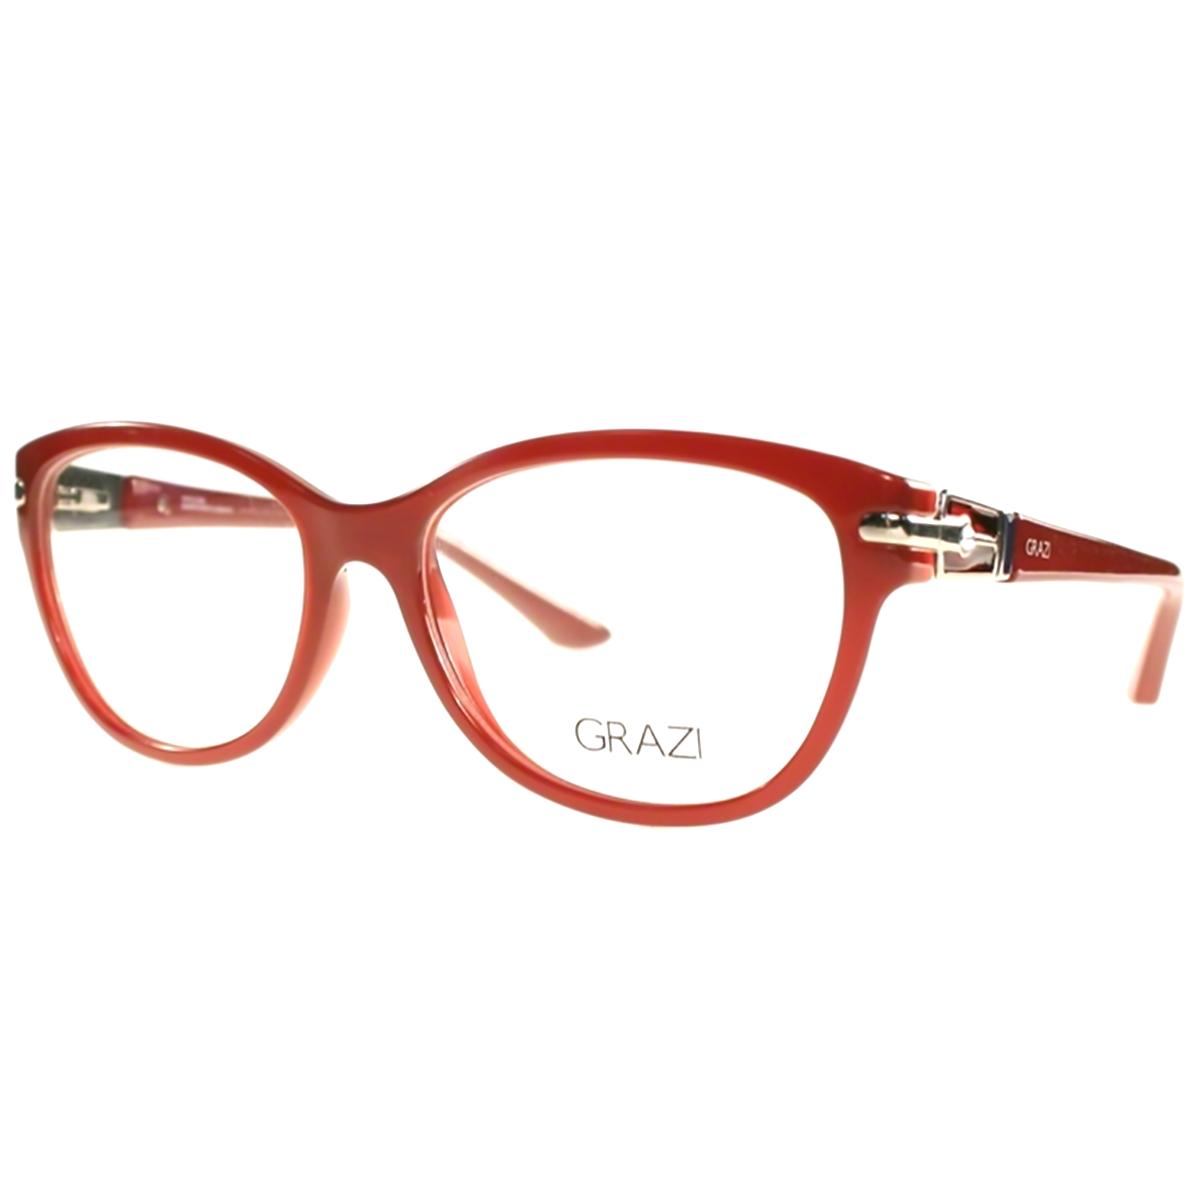 ... Vermelho OculosWorld Brasil 24b2635d4881ea  Compre Óculos de Grau Grazi  Massafera em 10X Tri-Jóia Shop 45283acddd5694 ... 81eccc4580